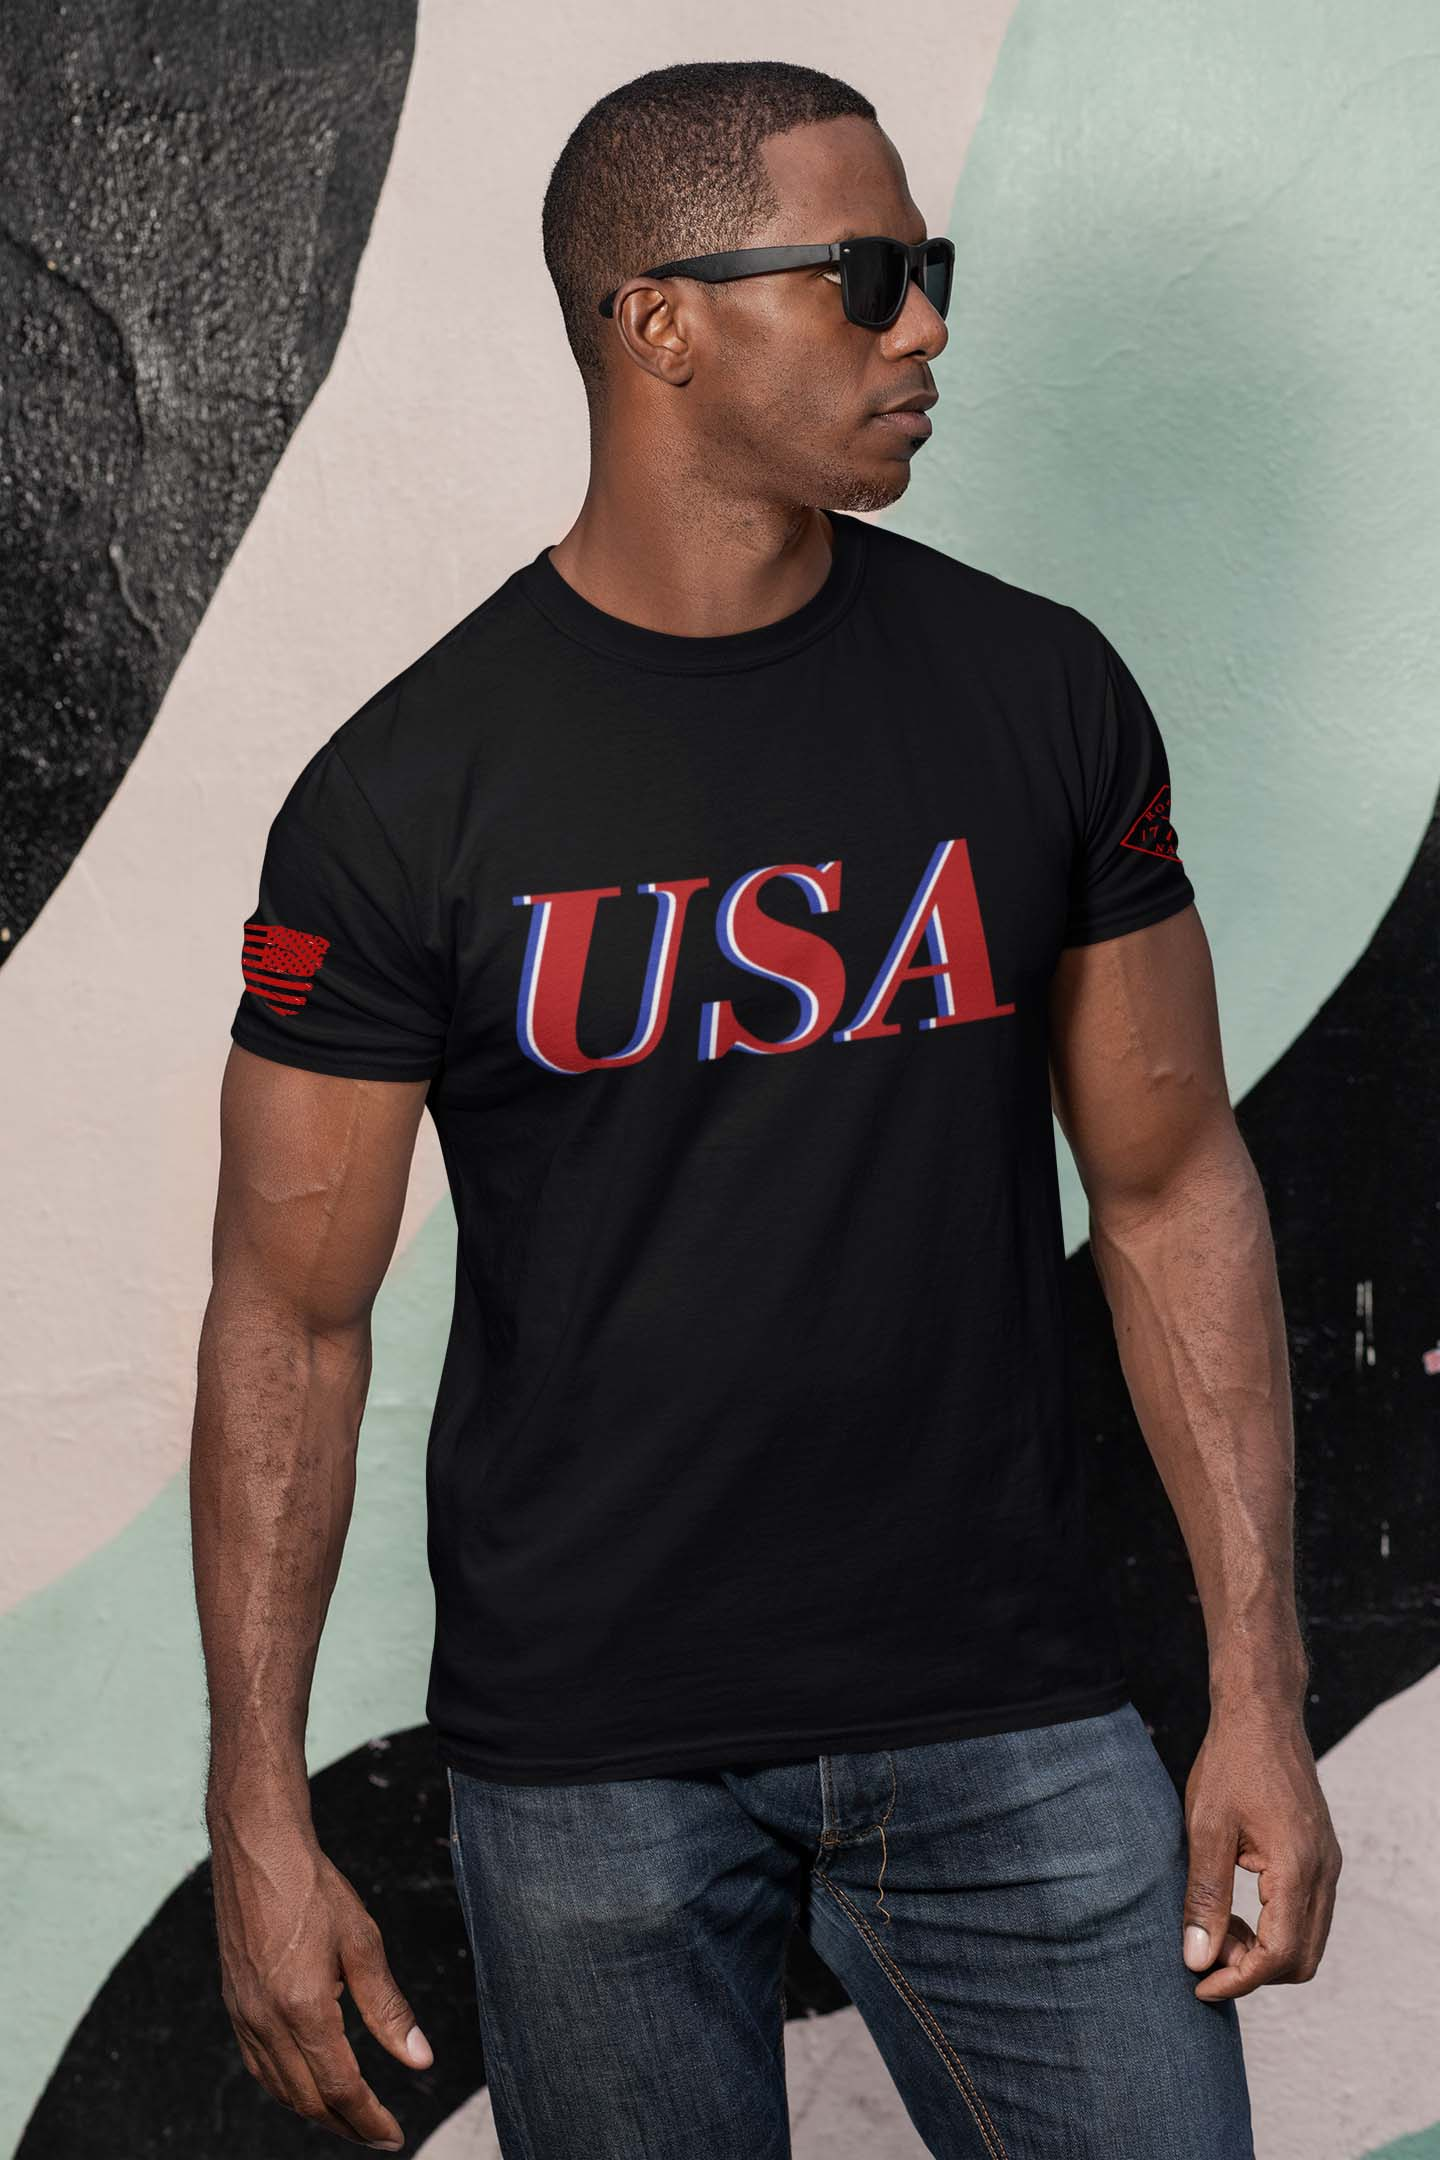 USA Red White & Blue on Men's Black T-Shirt